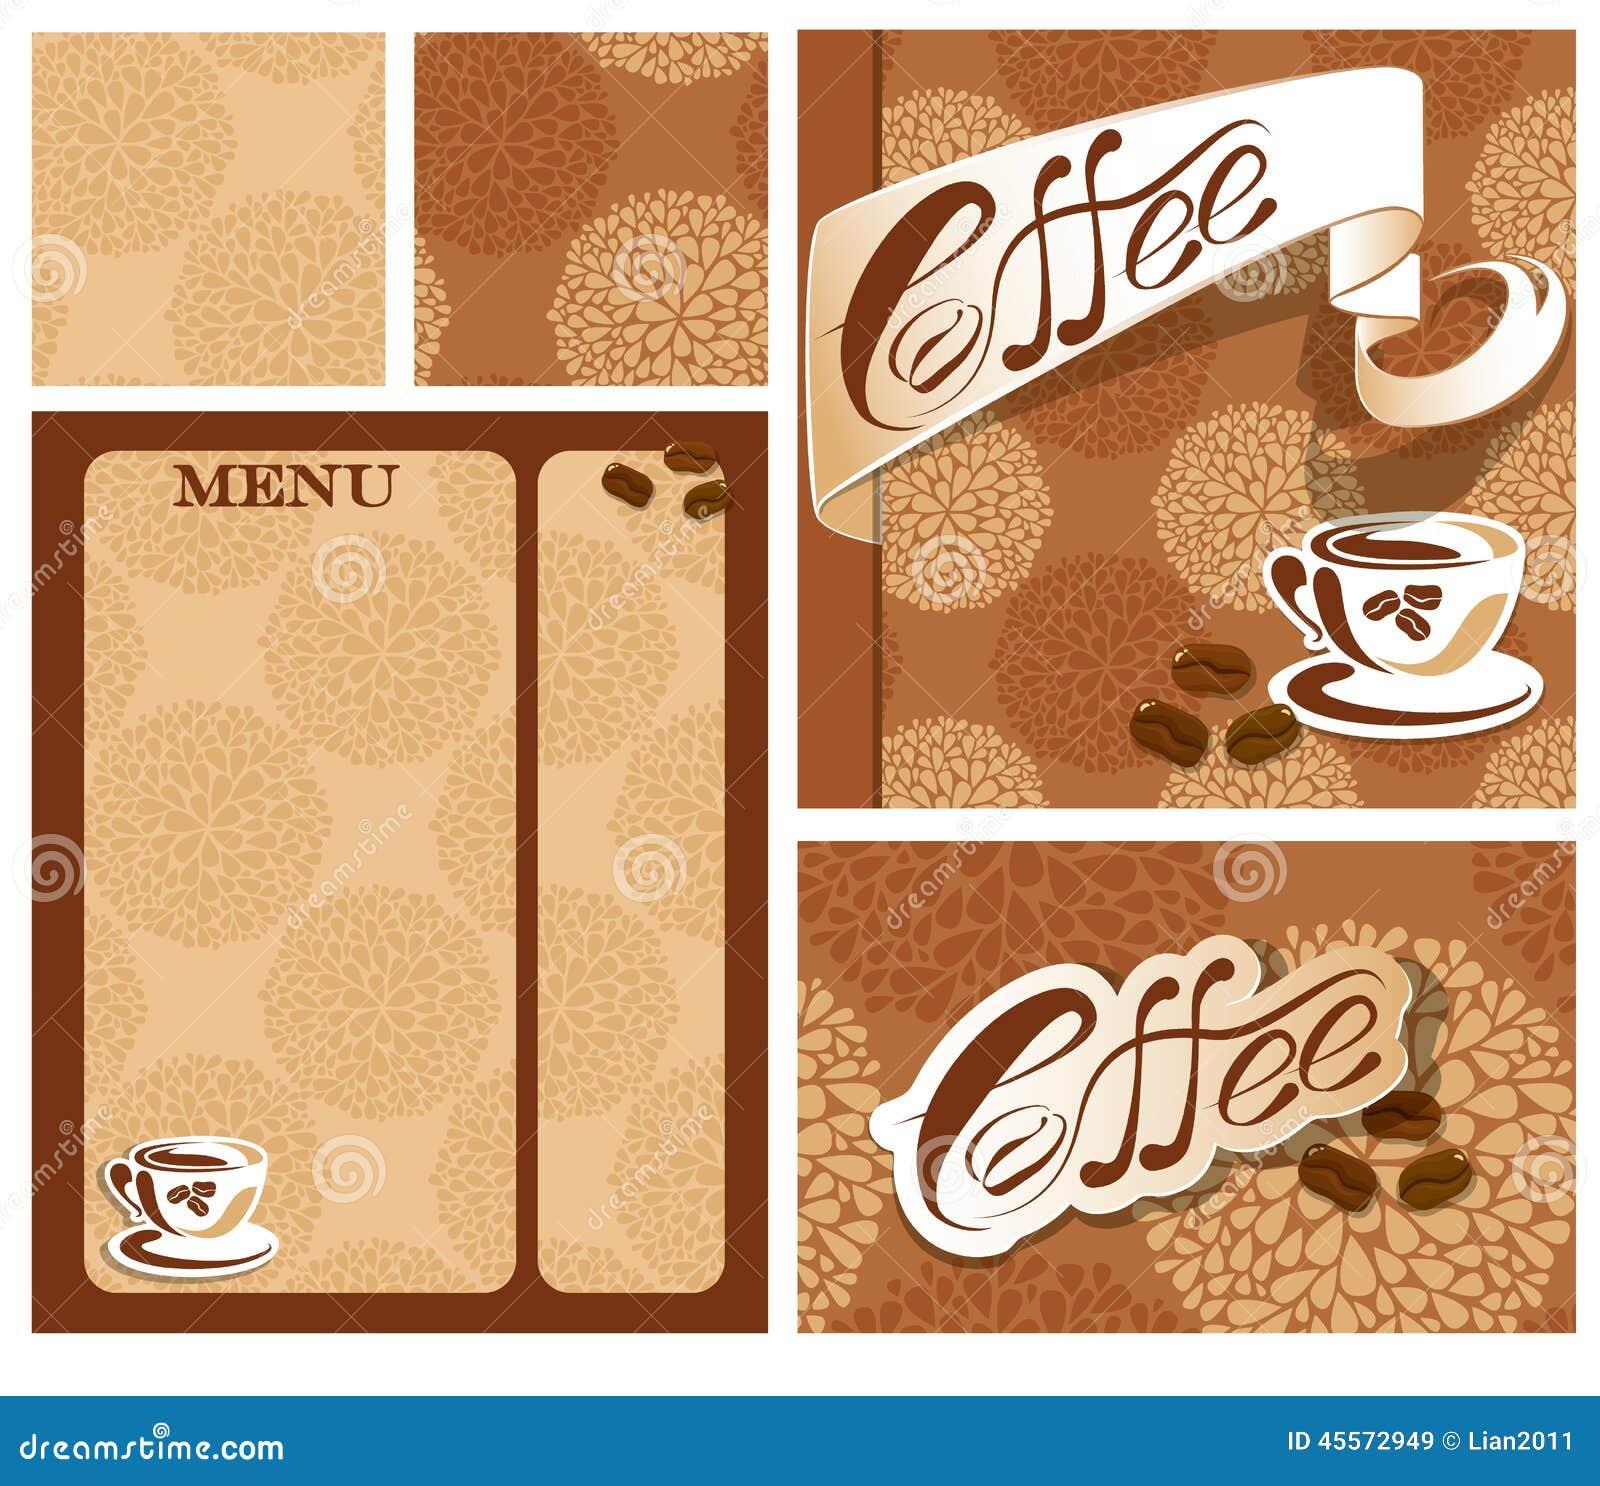 Diseños De La Plantilla De Tarjeta Del Menú Y De Visita Para El Café ...